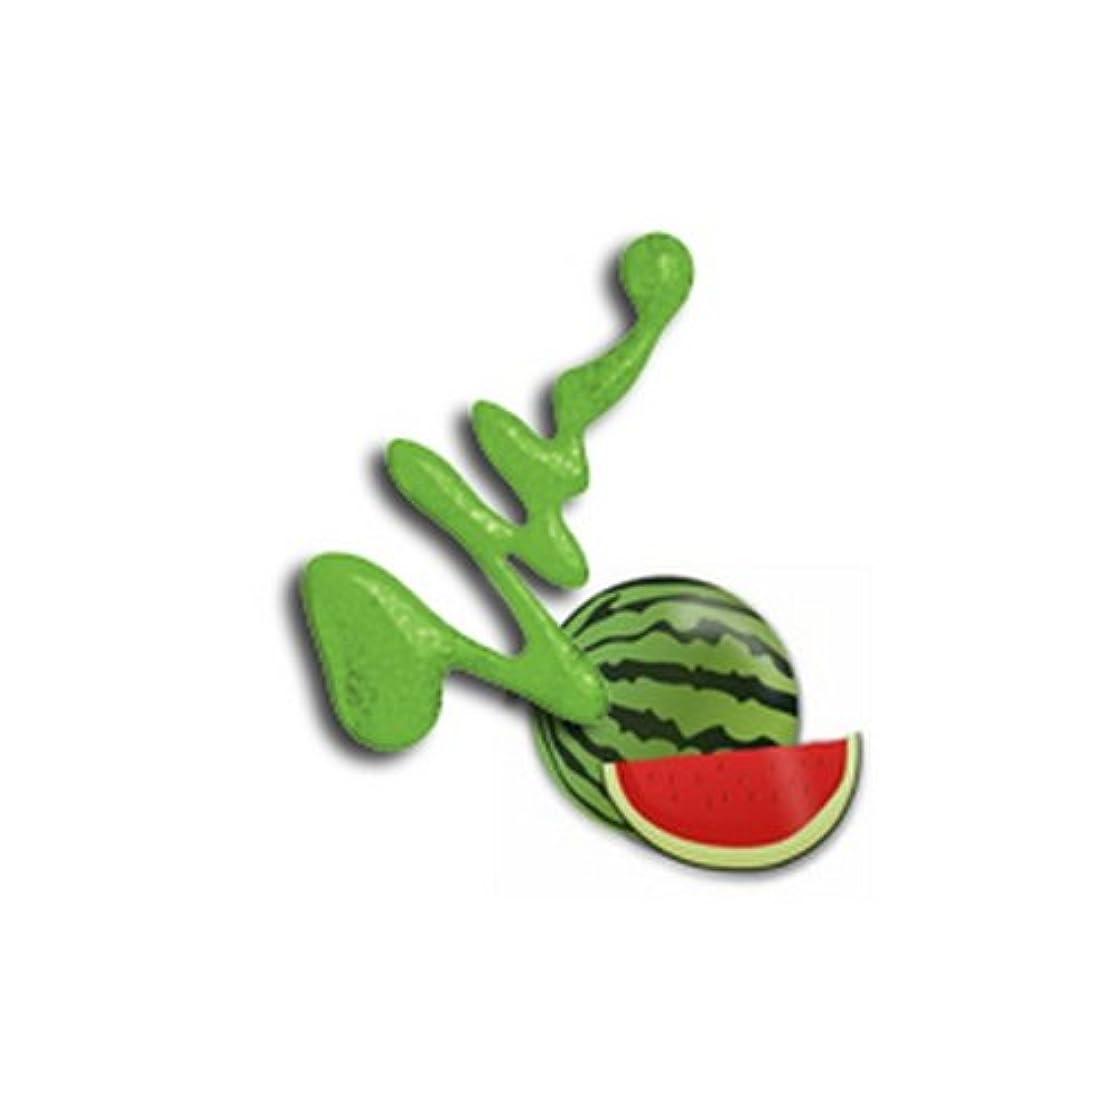 複雑なスクワイア言及する(3 Pack) LA GIRL Fruity Scented Nail Polish - Watermelon Splash (並行輸入品)